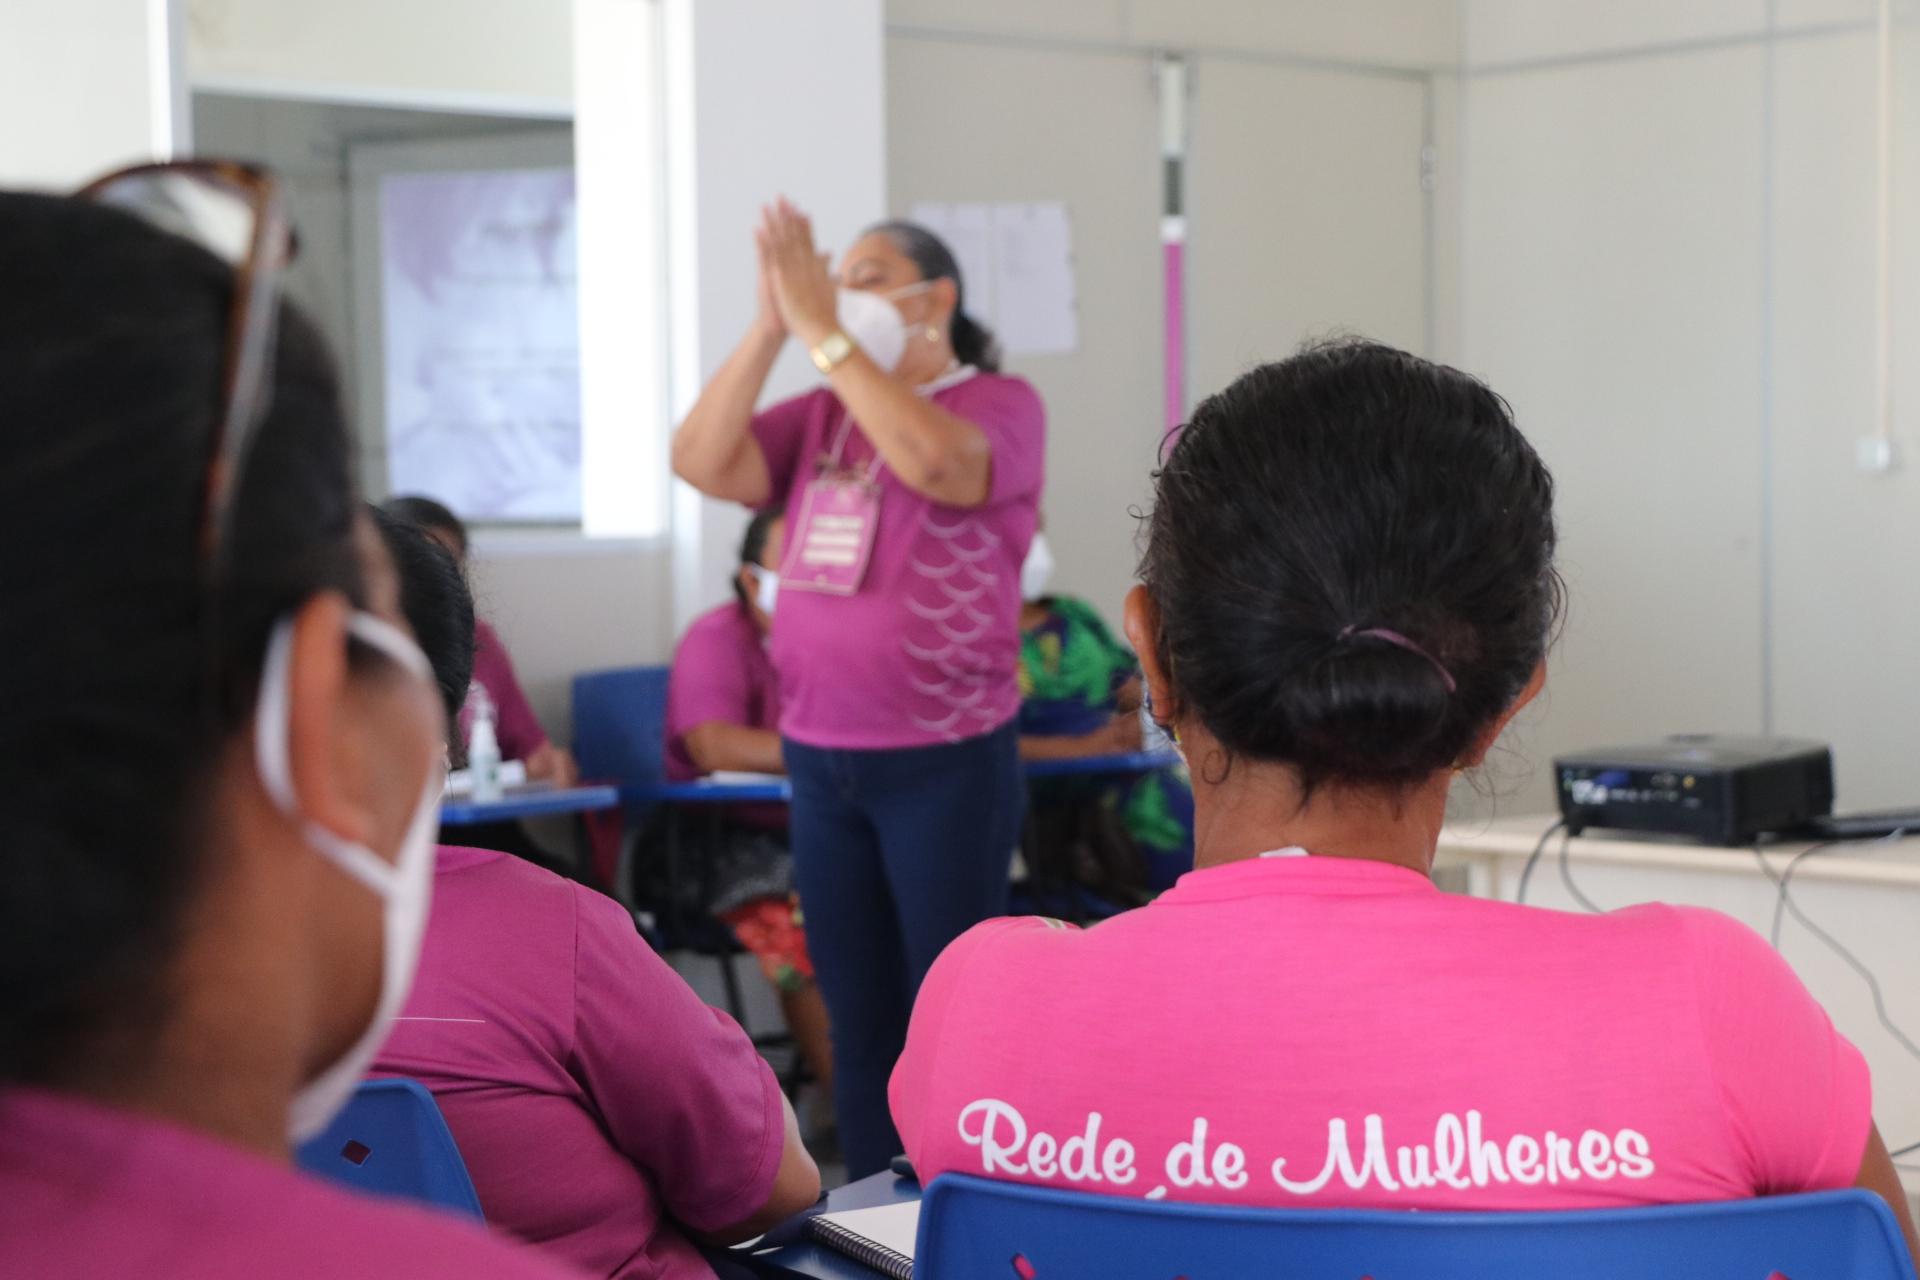 Curso de boas práticas ao Parto Humanizado reúne parteiras tradicionais e profissionais de saúde em Tefé, Amazonas